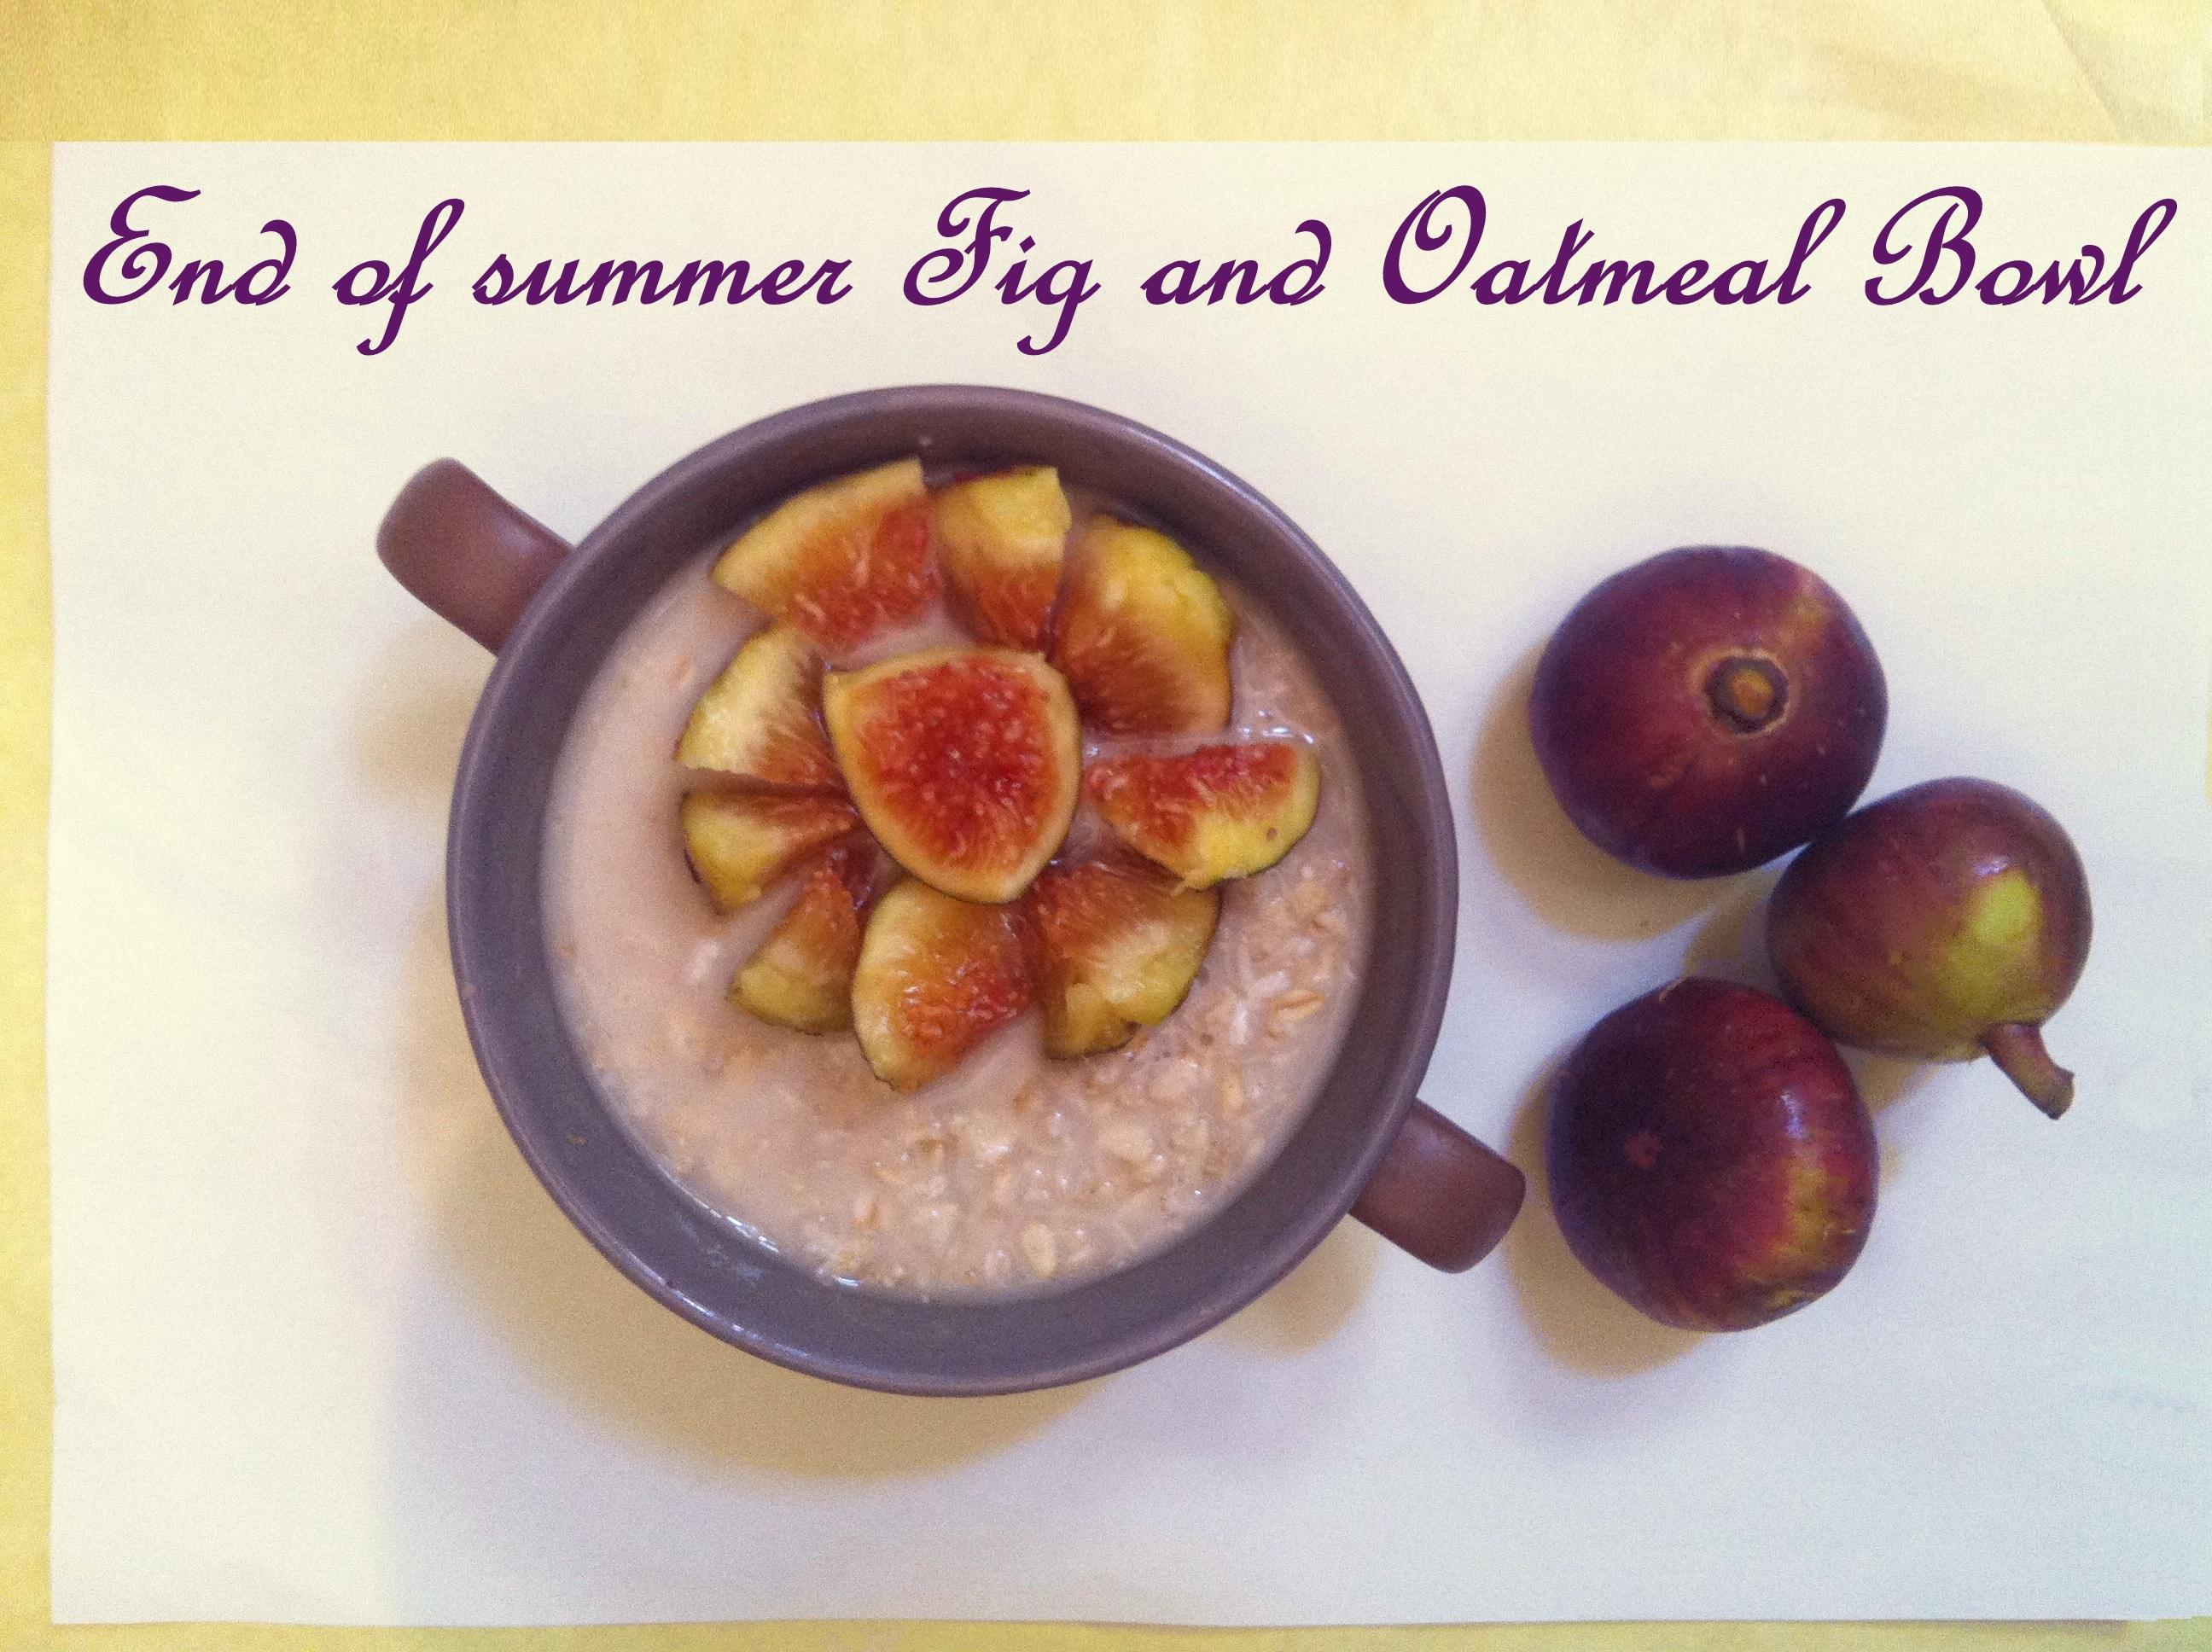 End of summer fig and oatmeal breakfast bowl - Vegan Recipes - Vegan Slaughterer Yaeli Shochat